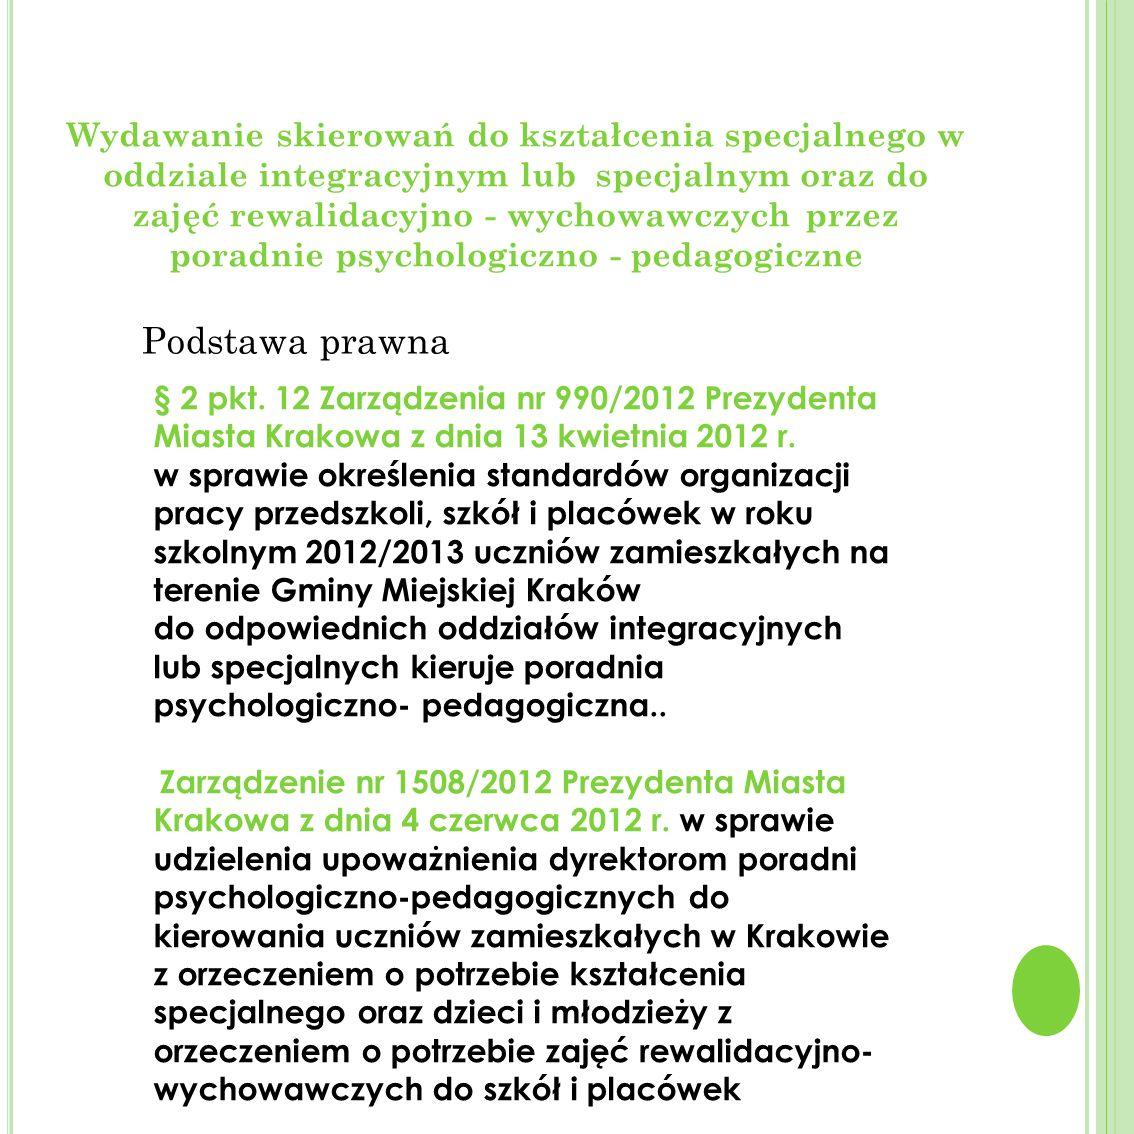 § 2 pkt. 12 Zarządzenia nr 990/2012 Prezydenta Miasta Krakowa z dnia 13 kwietnia 2012 r.